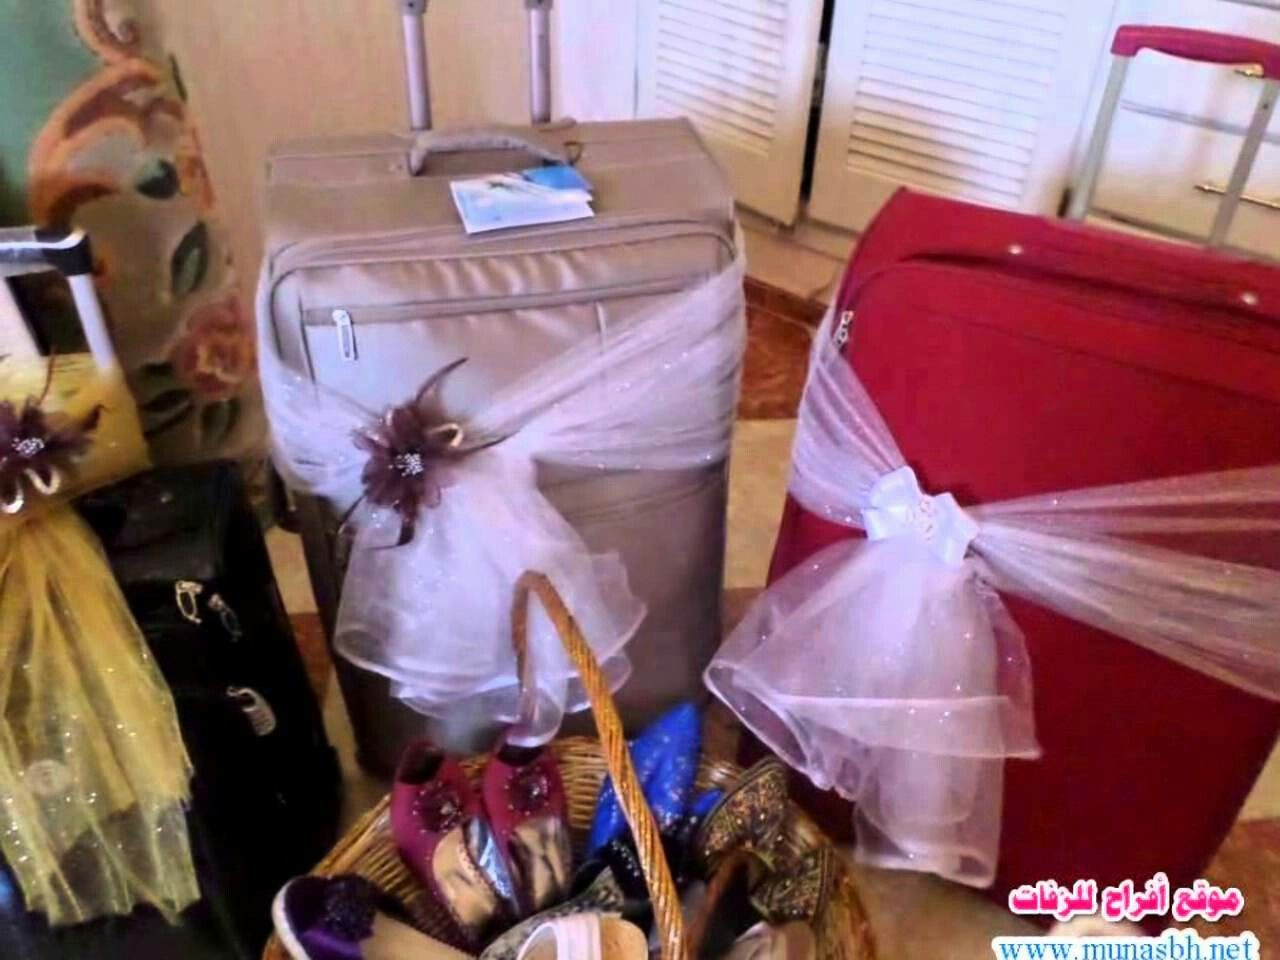 تصديرة العروس الجزائرية 2018 تصديرة العروس تصديرة العروس 2018 تصديرة عروس ملابس تصديرة تصديرة Wedding Gifts Packaging Living Room Decor Cozy Wedding Gifts